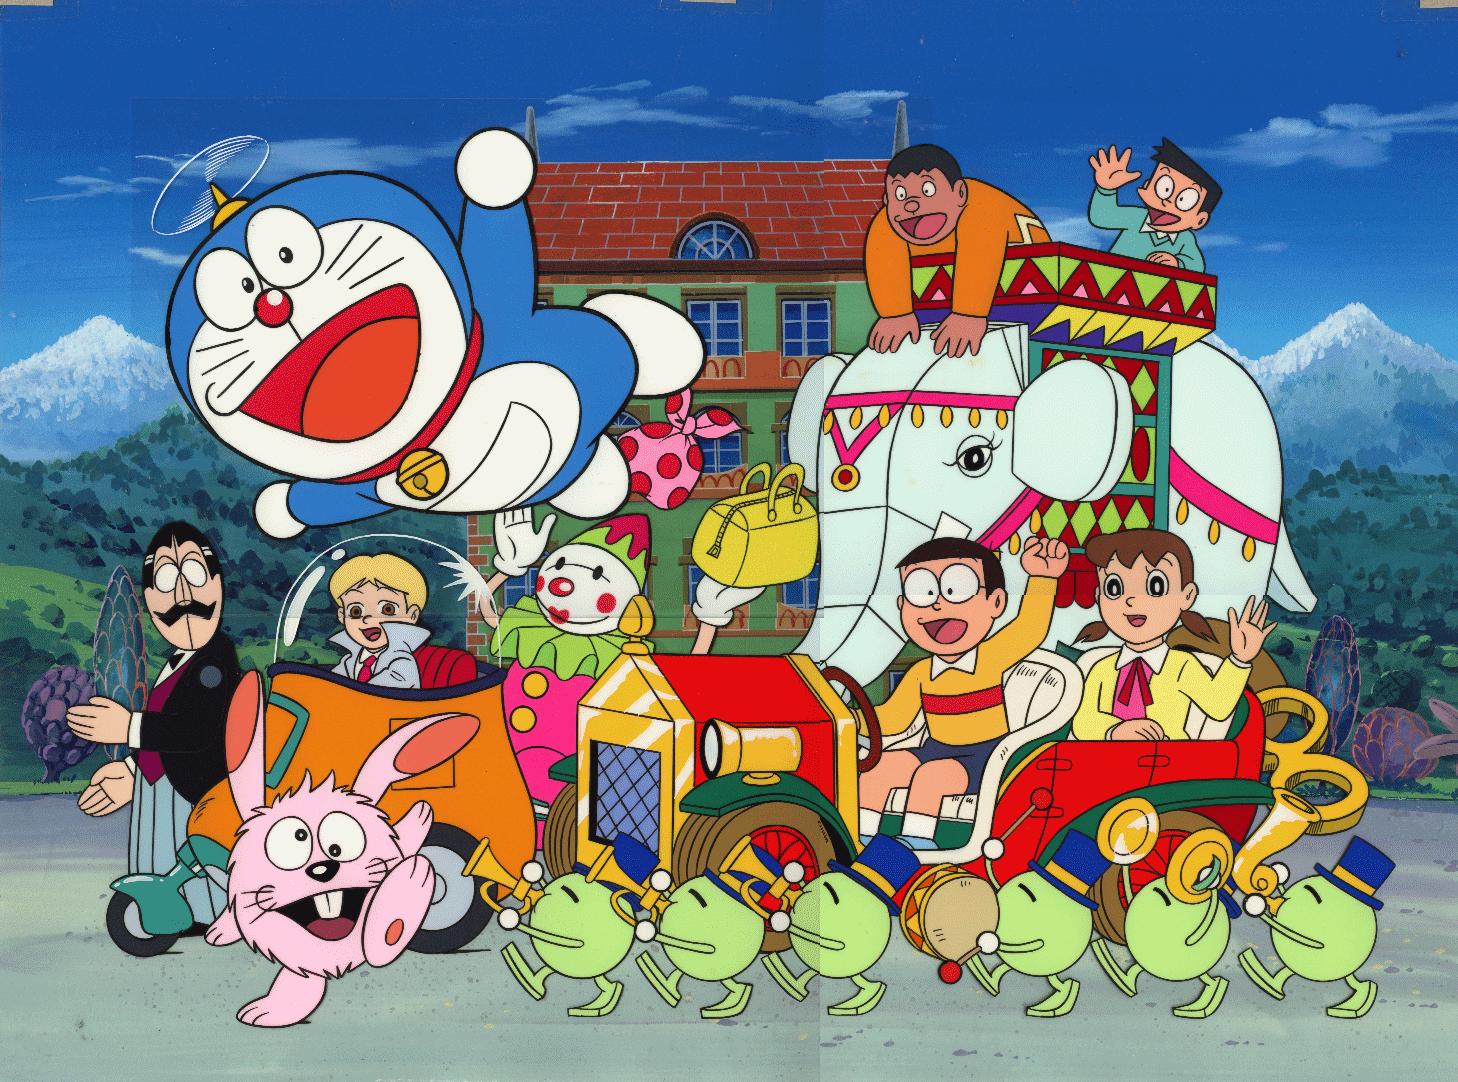 Doraemon doraemon pinterest 3d wallpaper 3d wallpaper doraemon voltagebd Images